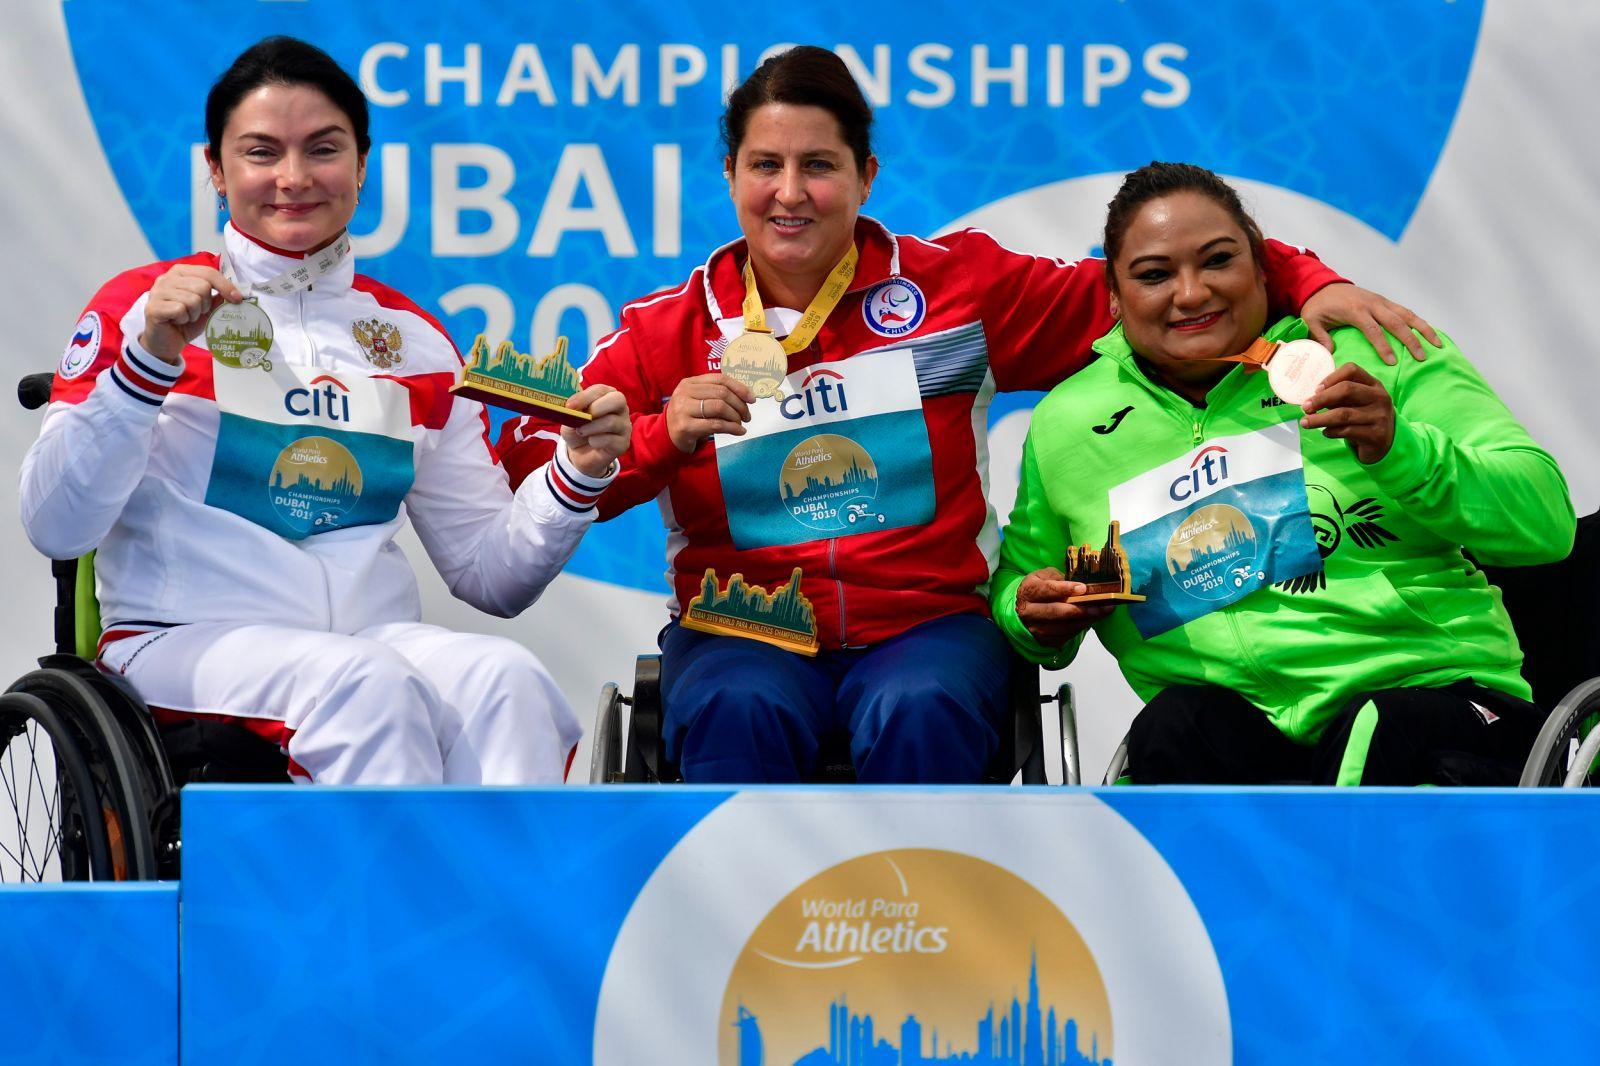 Галина Липатникова и Мария Богачева завоевали серебряные медали в 6 день чемпионата мира по легкой атлетике МПК в Дубае